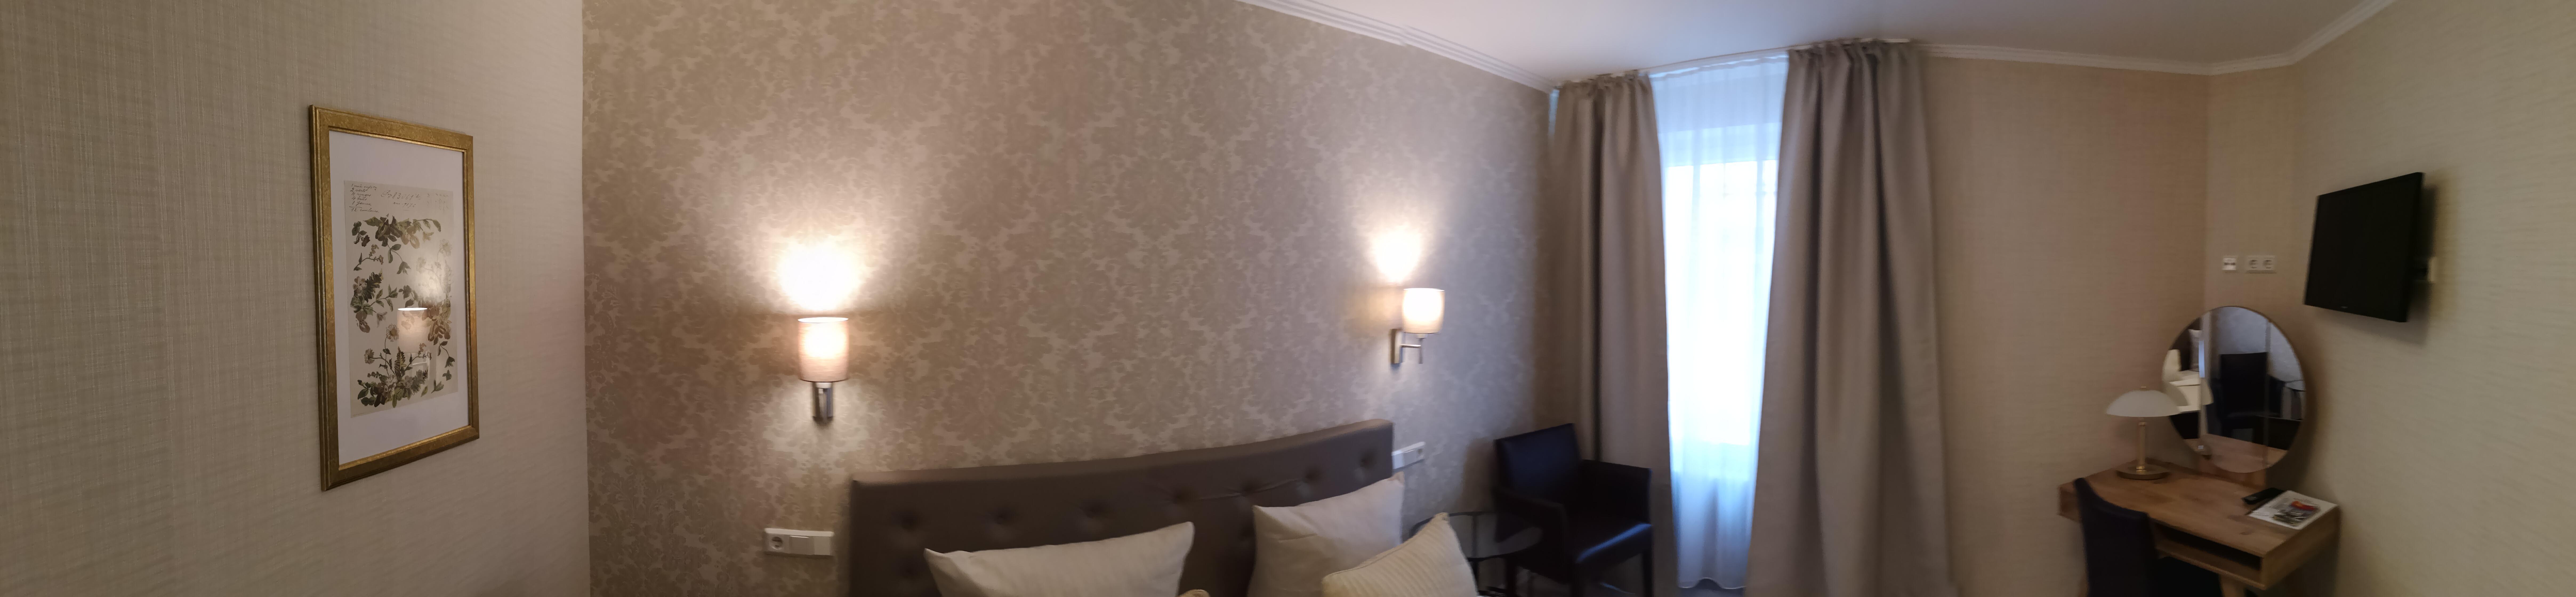 Hotel Löhr, Doppelzimmer